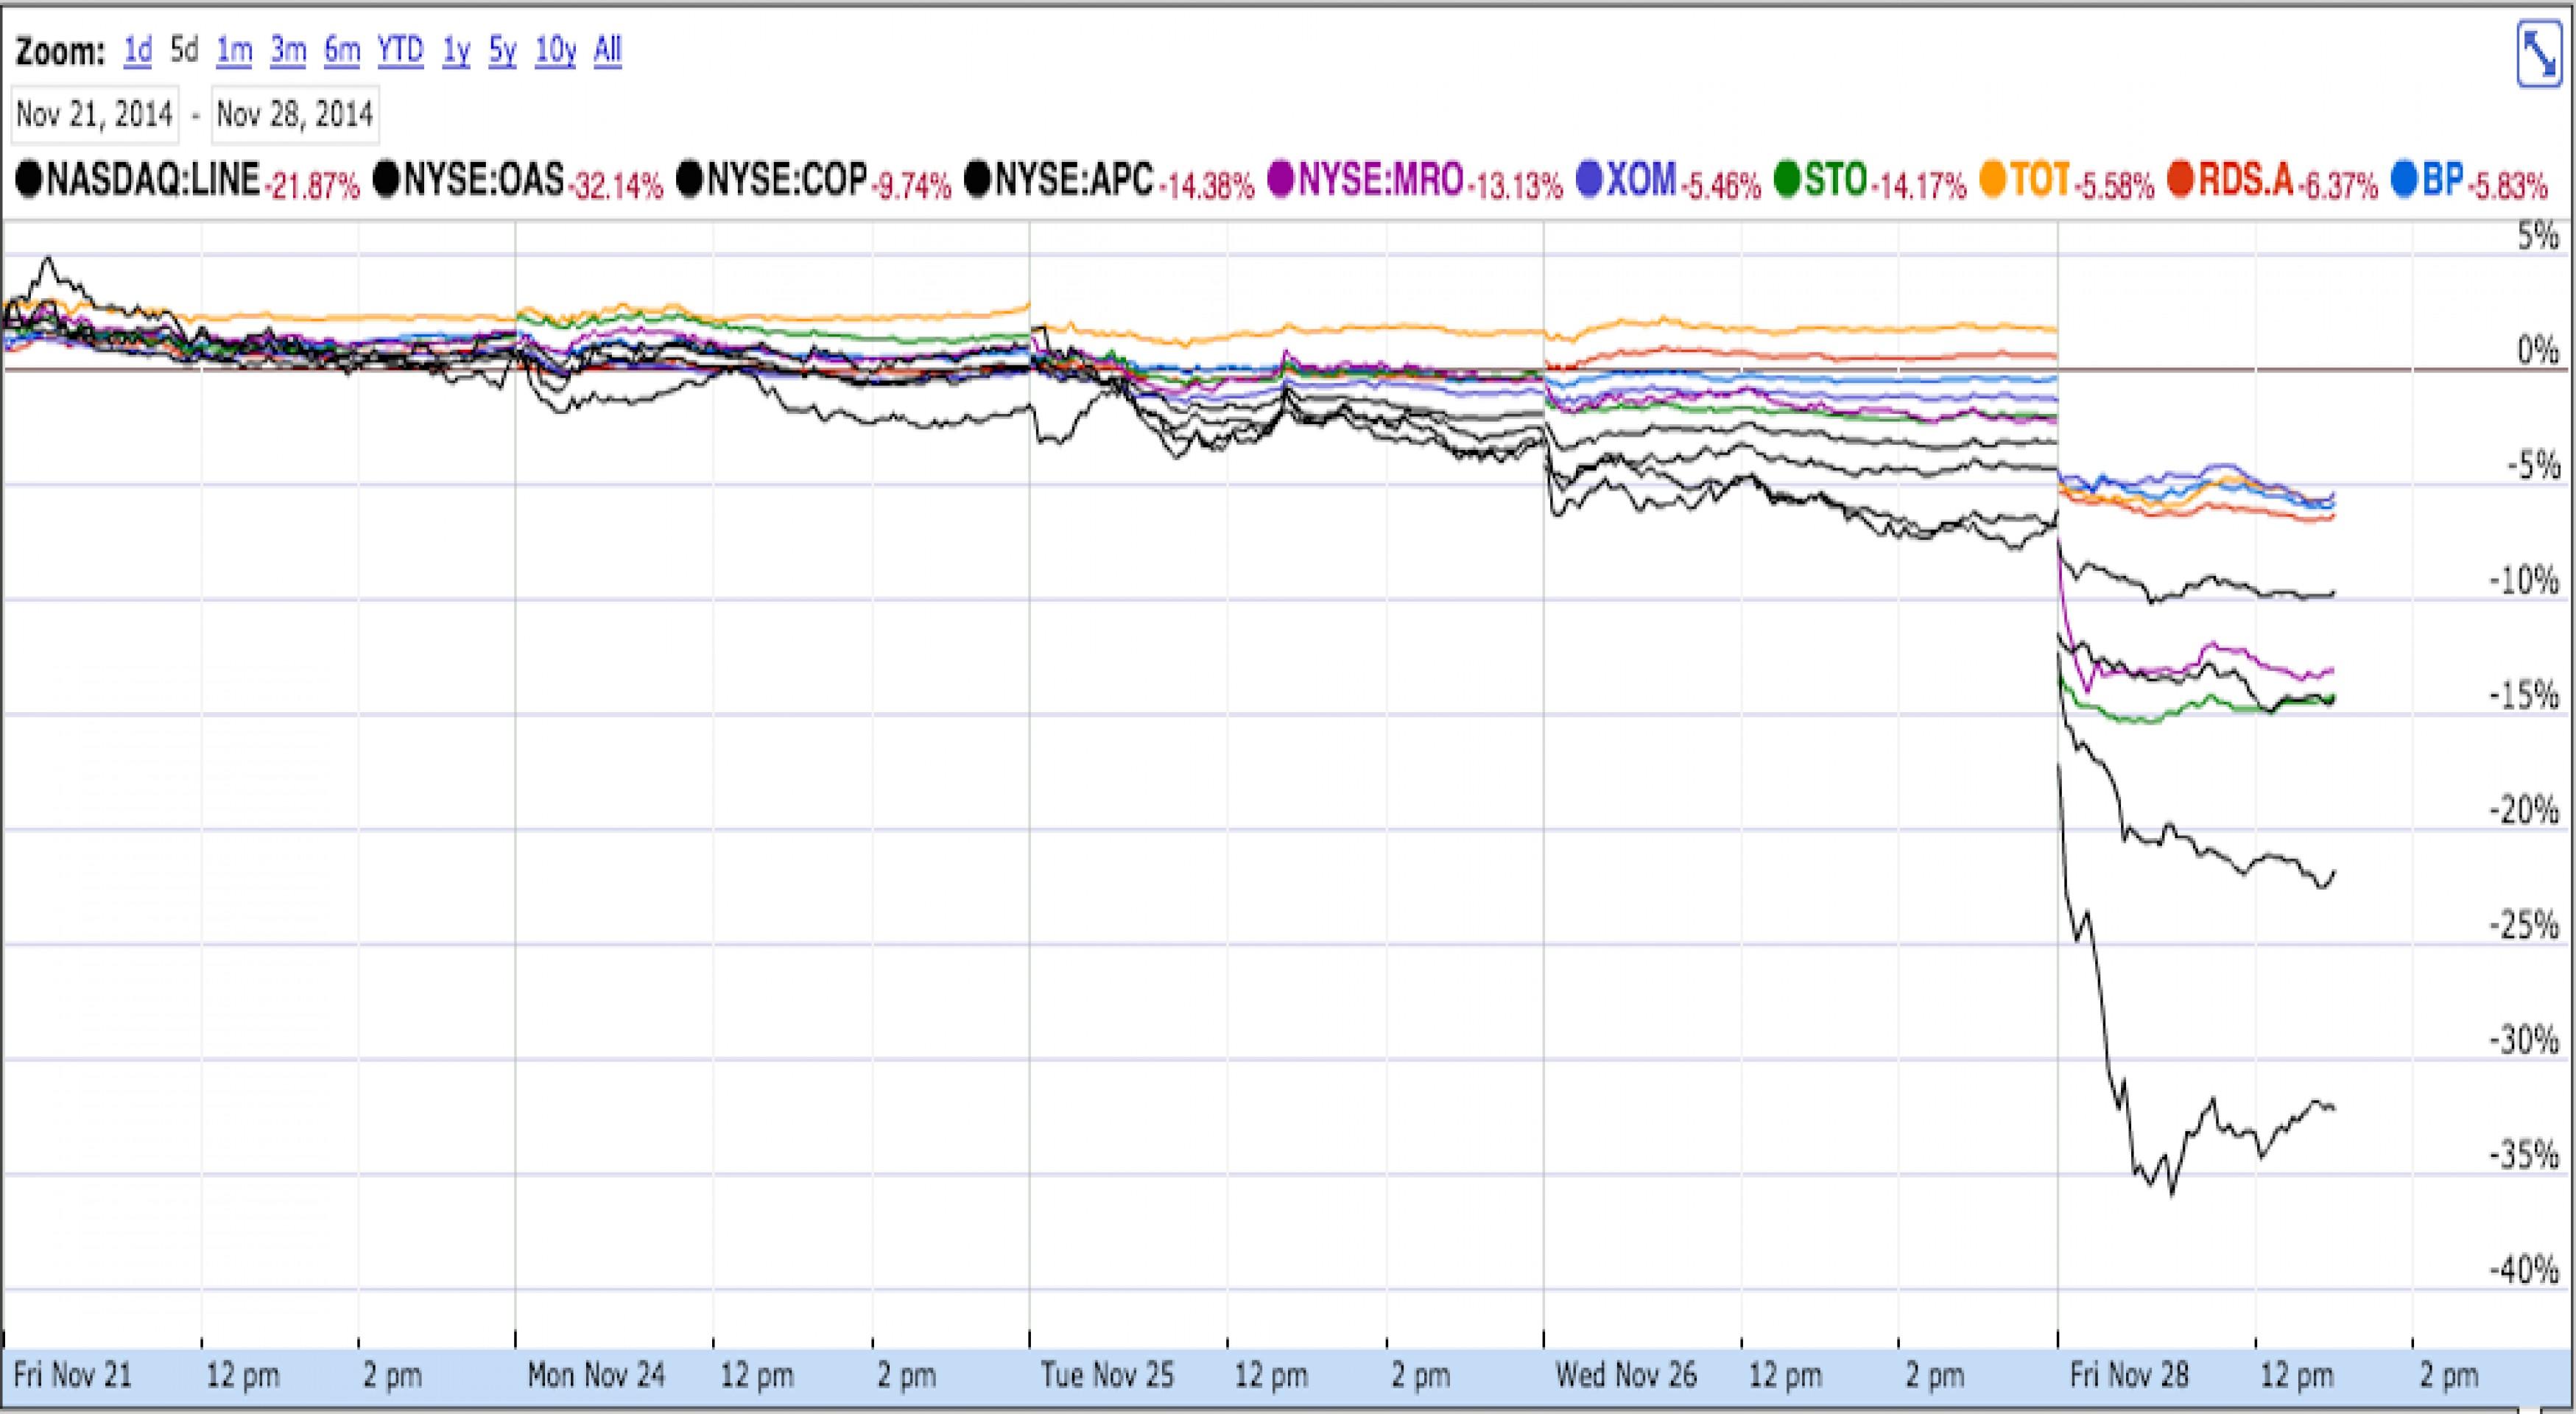 Цены на нефть марки WTI рухнули на 10% до $66